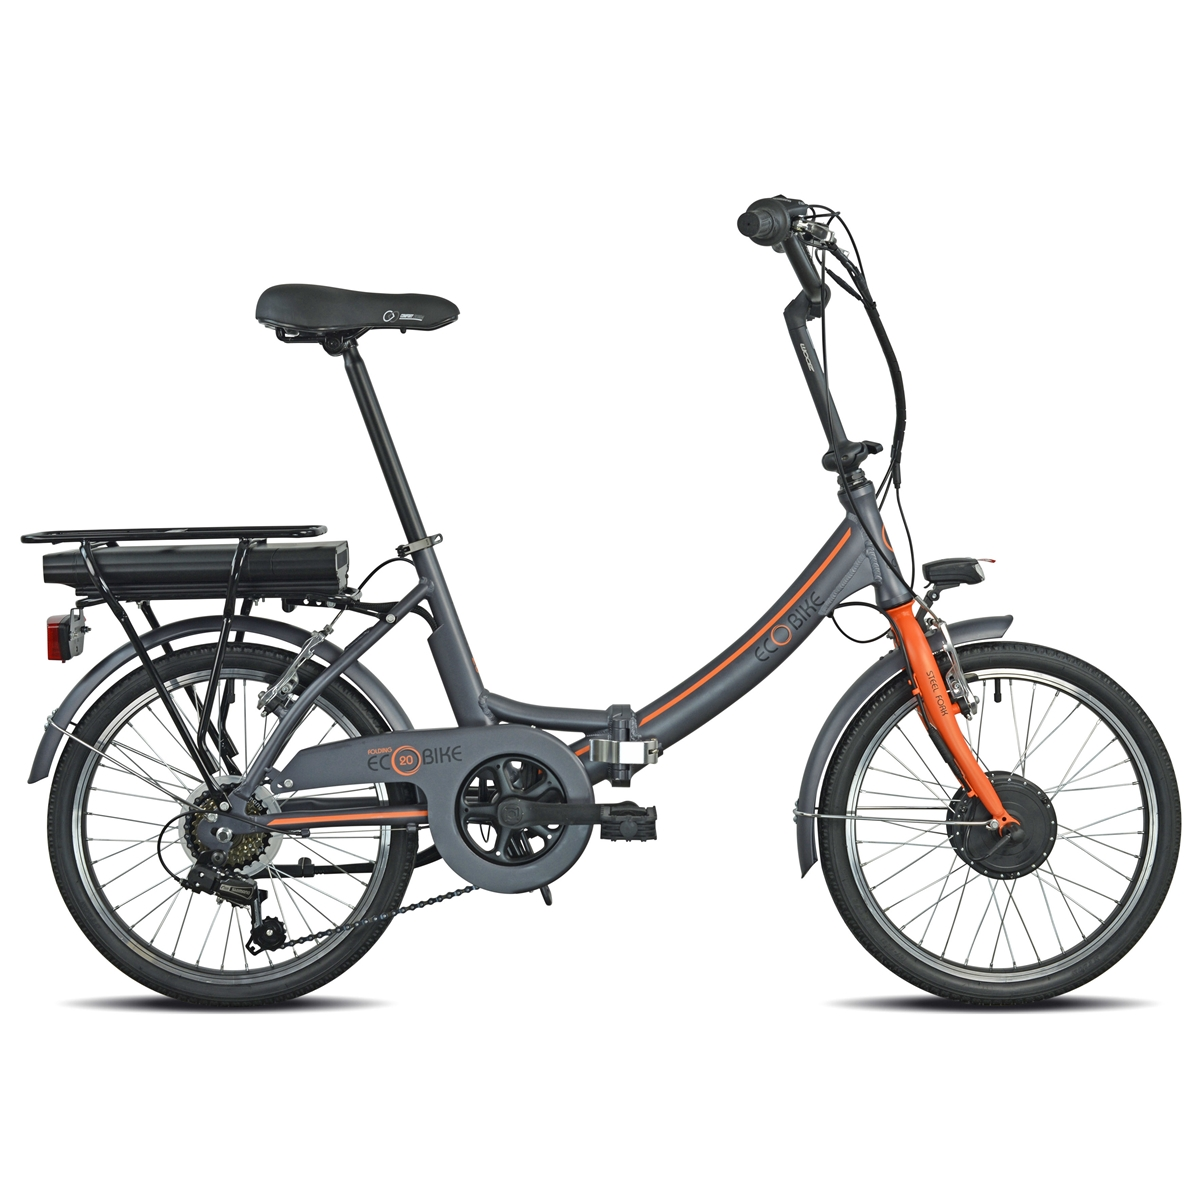 Bici Pieghevole 1281 Folding Ecobike 20'' 6v Bafang Anteriore 374Wh Grigio/Arancio 2021